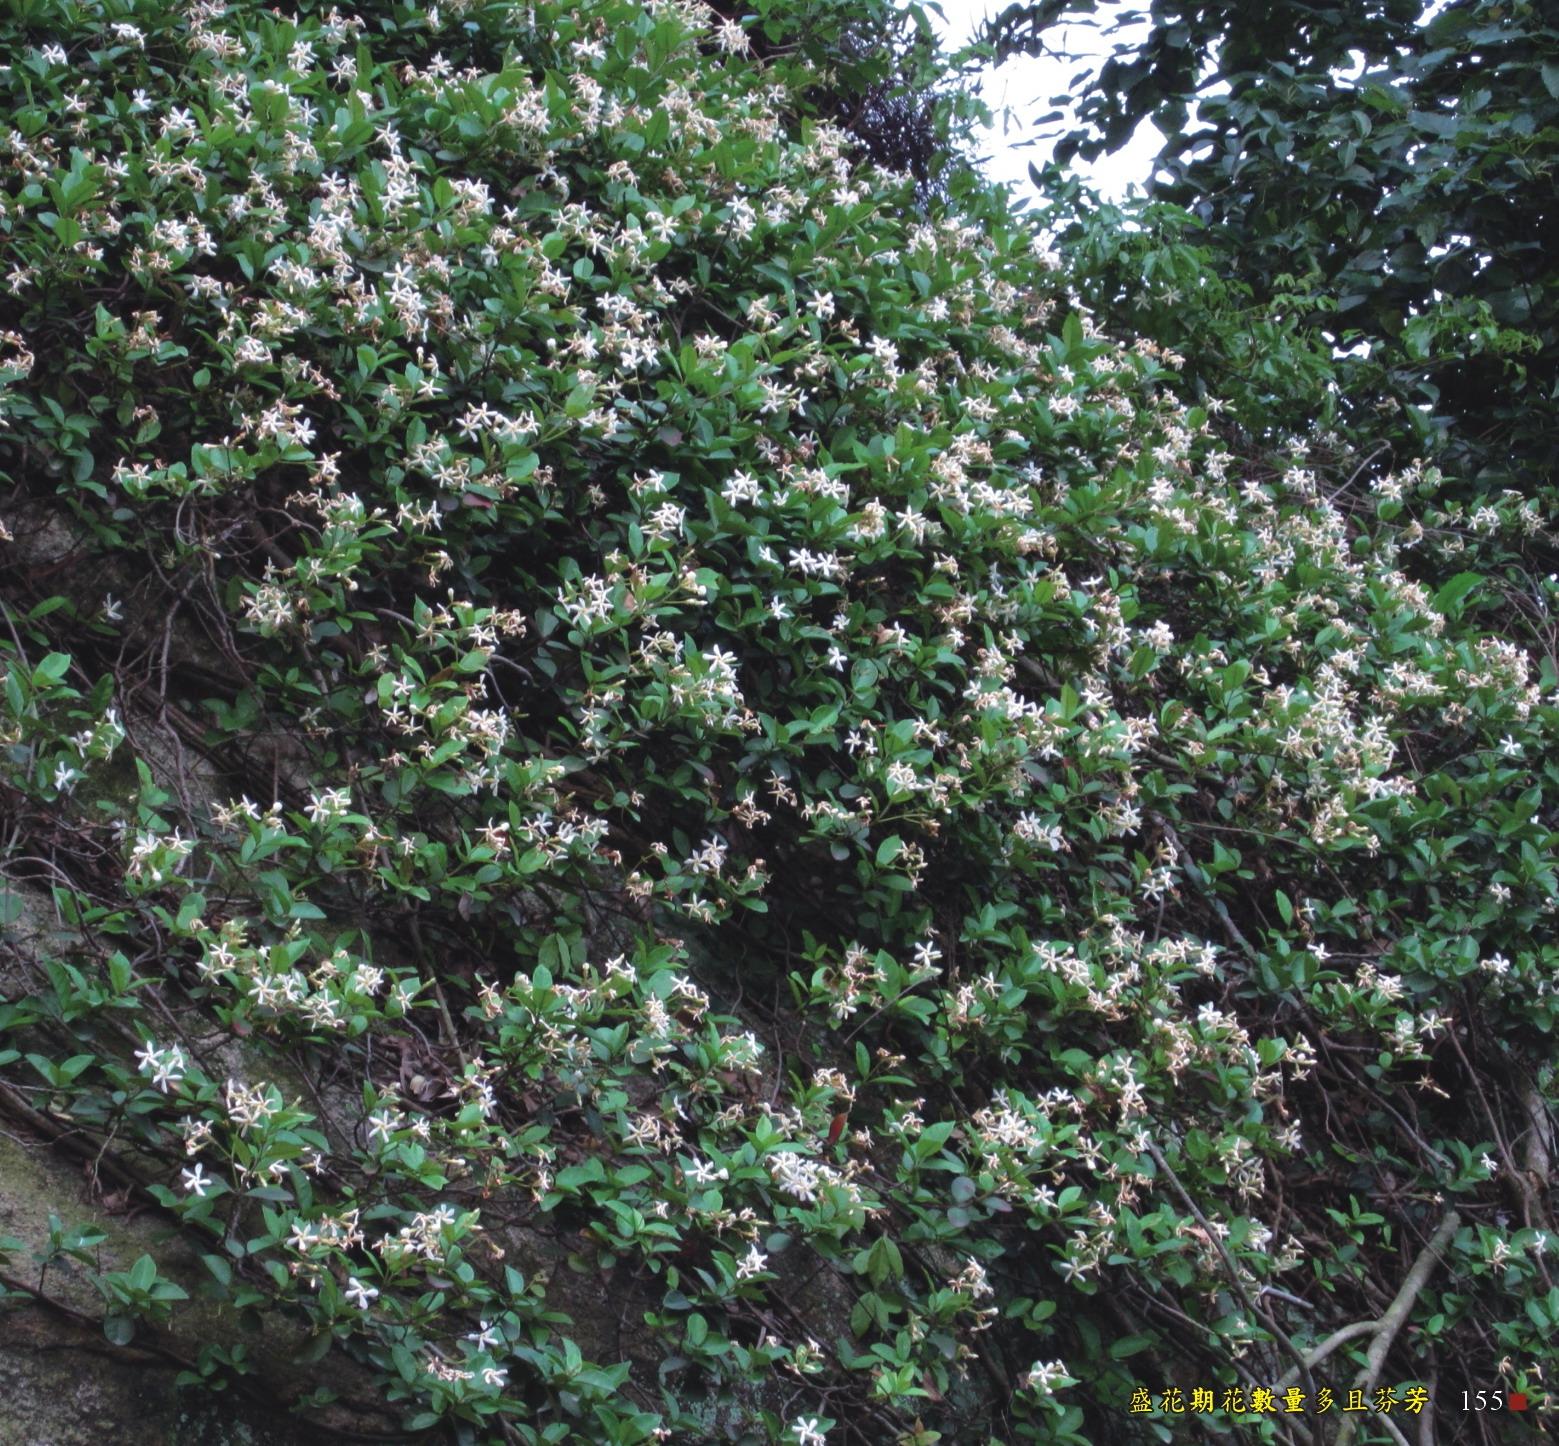 盛花期花數量多且芬芳